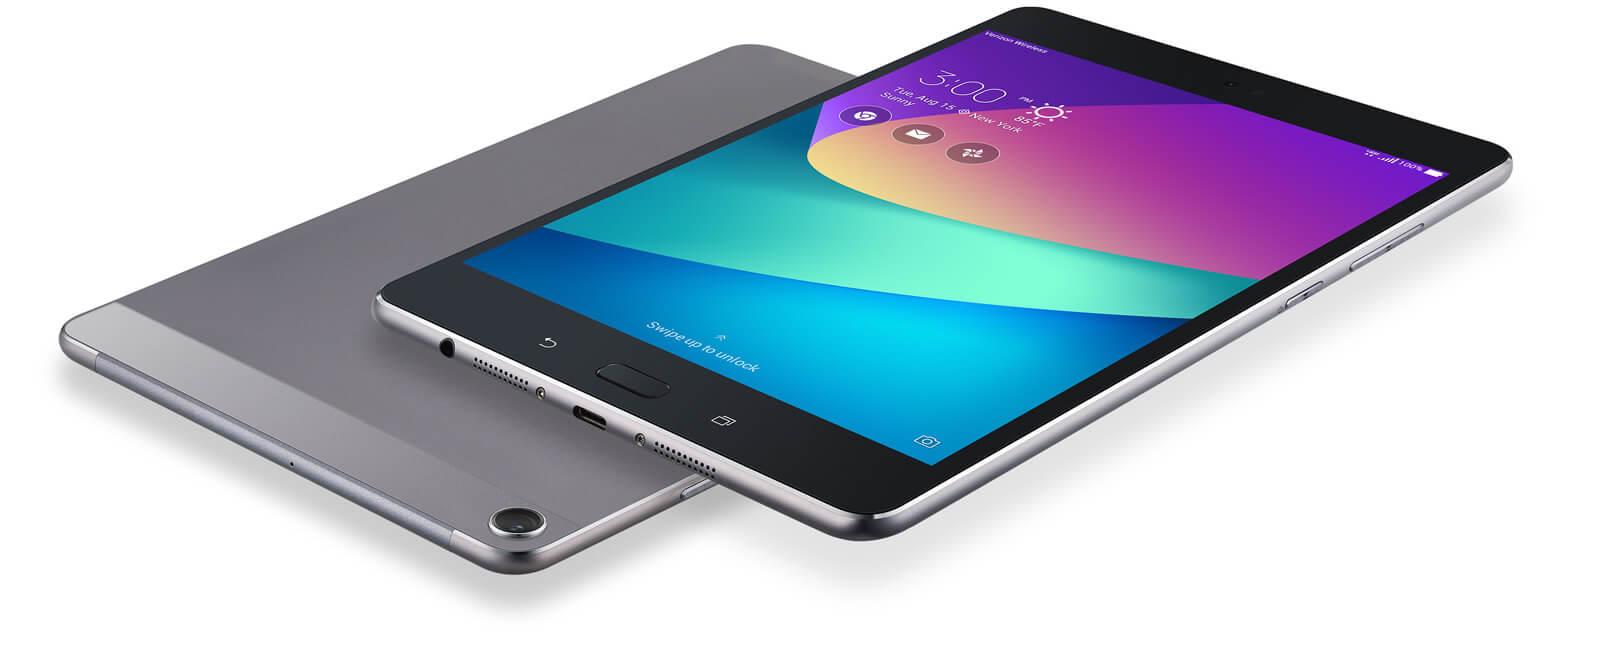 Kết quả hình ảnh cho Asus ZenPad Z8s